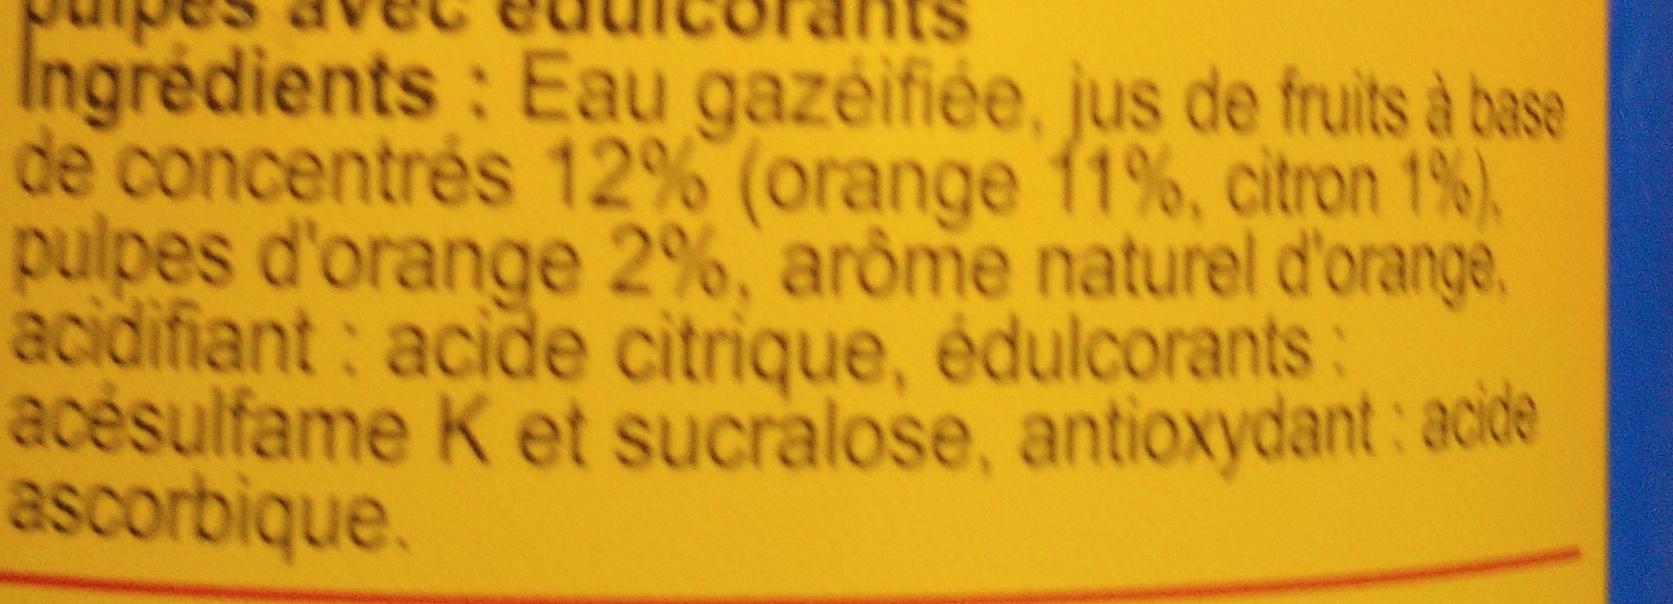 Pulp'saveur orangelight* - Ingrédients - fr